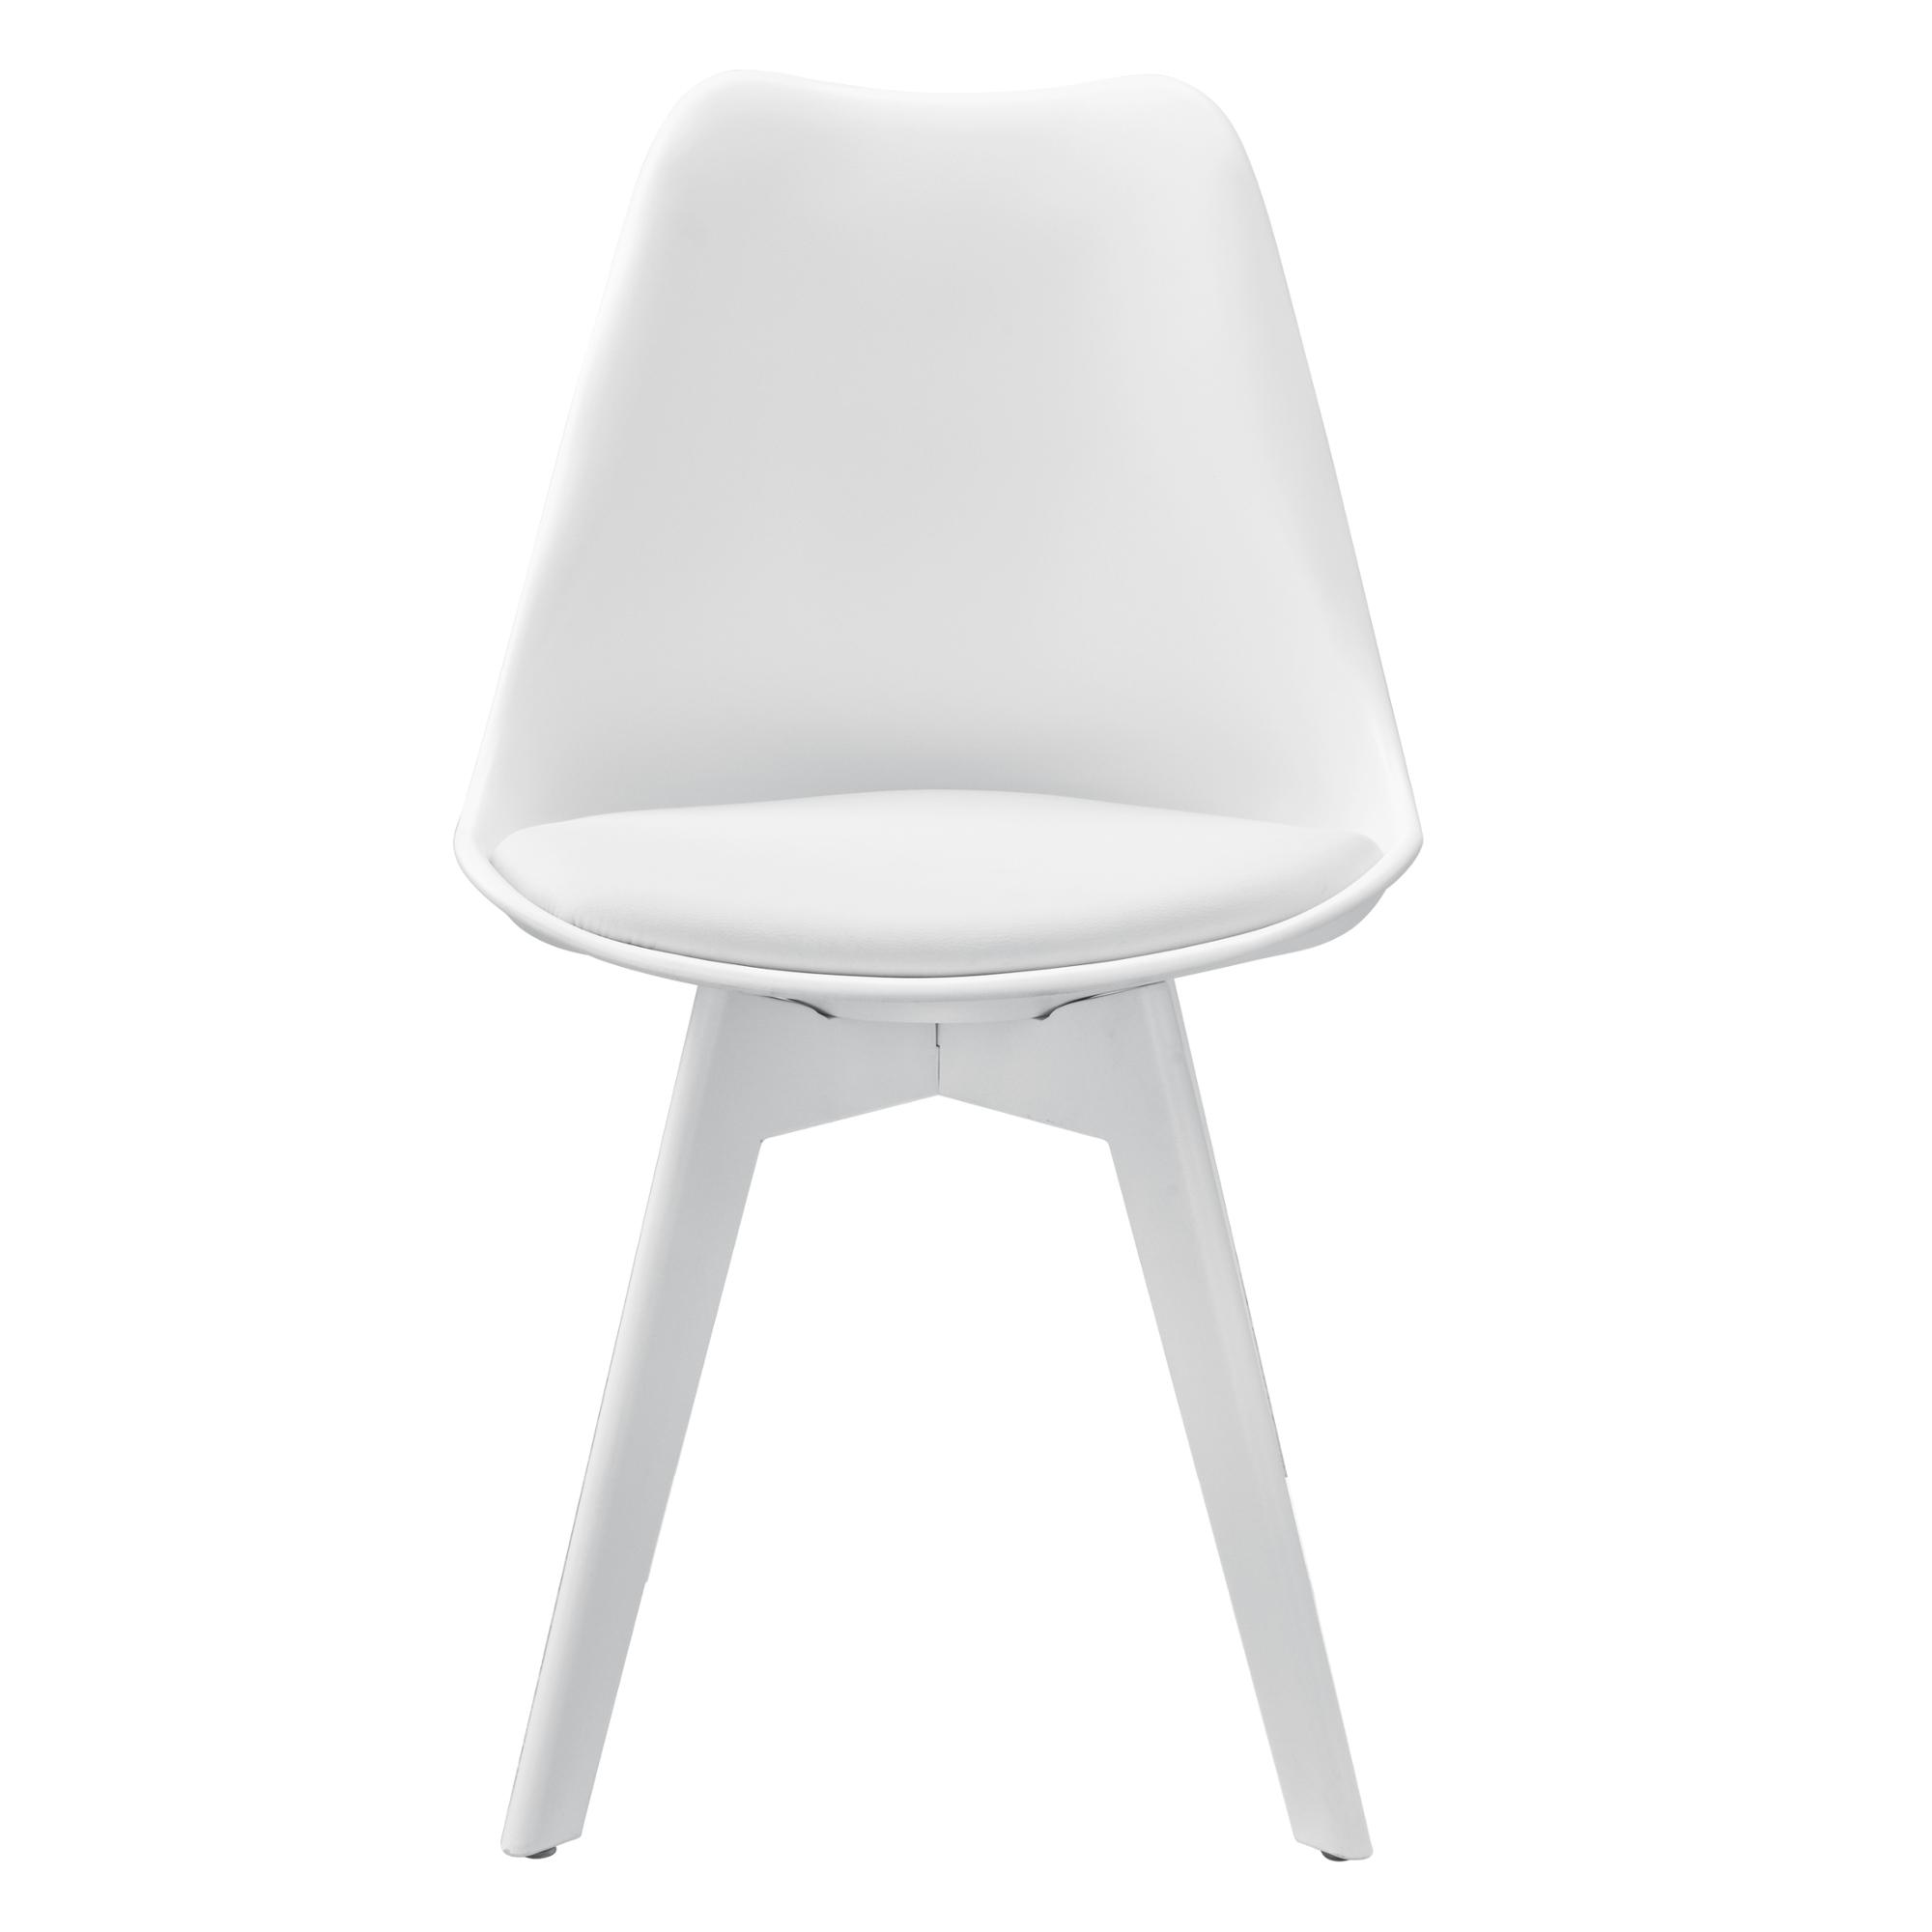 [ensa] Design Stühle 2er Set Esszimmer Stuhl